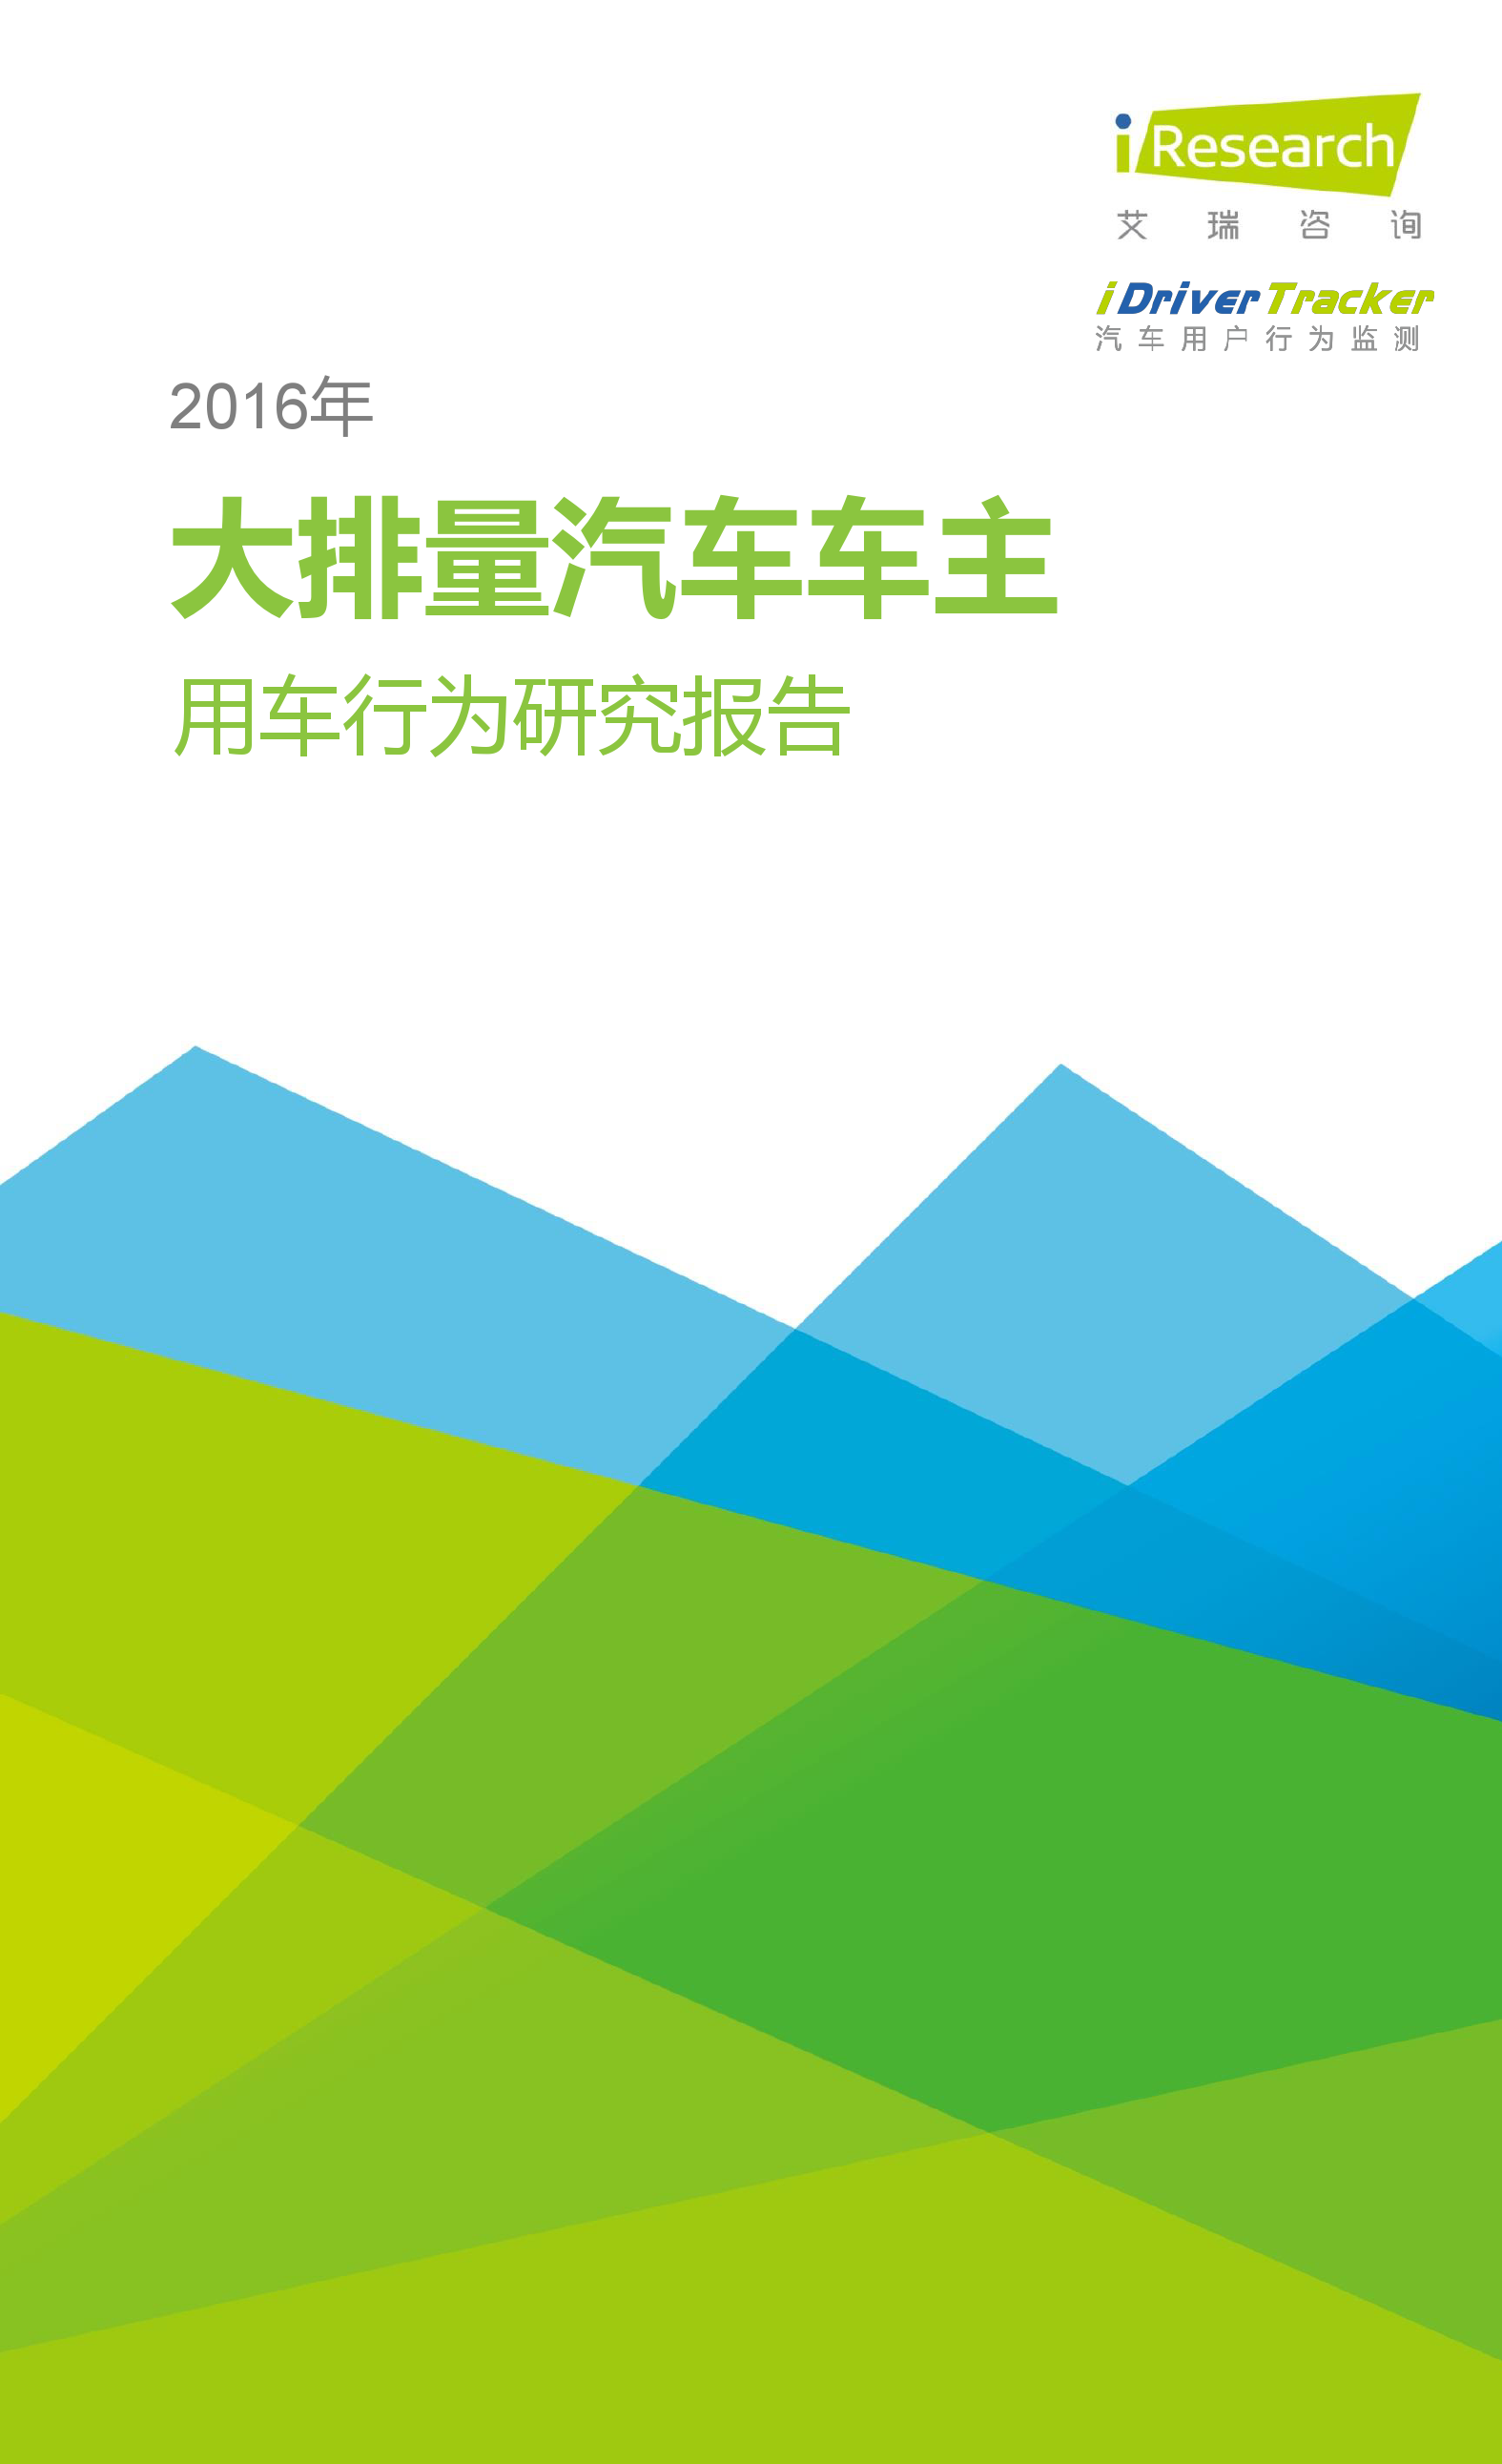 2016年大排量汽车车主用车行为研究报告_000001